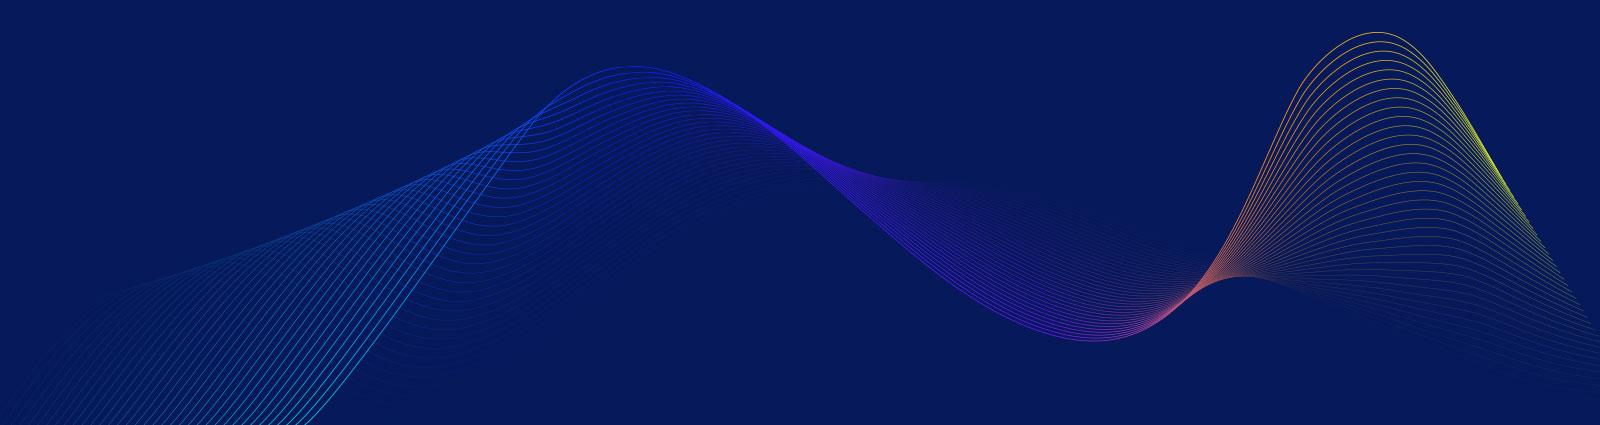 NXIIX-Philadelphia-Wavy-Lines-graphic